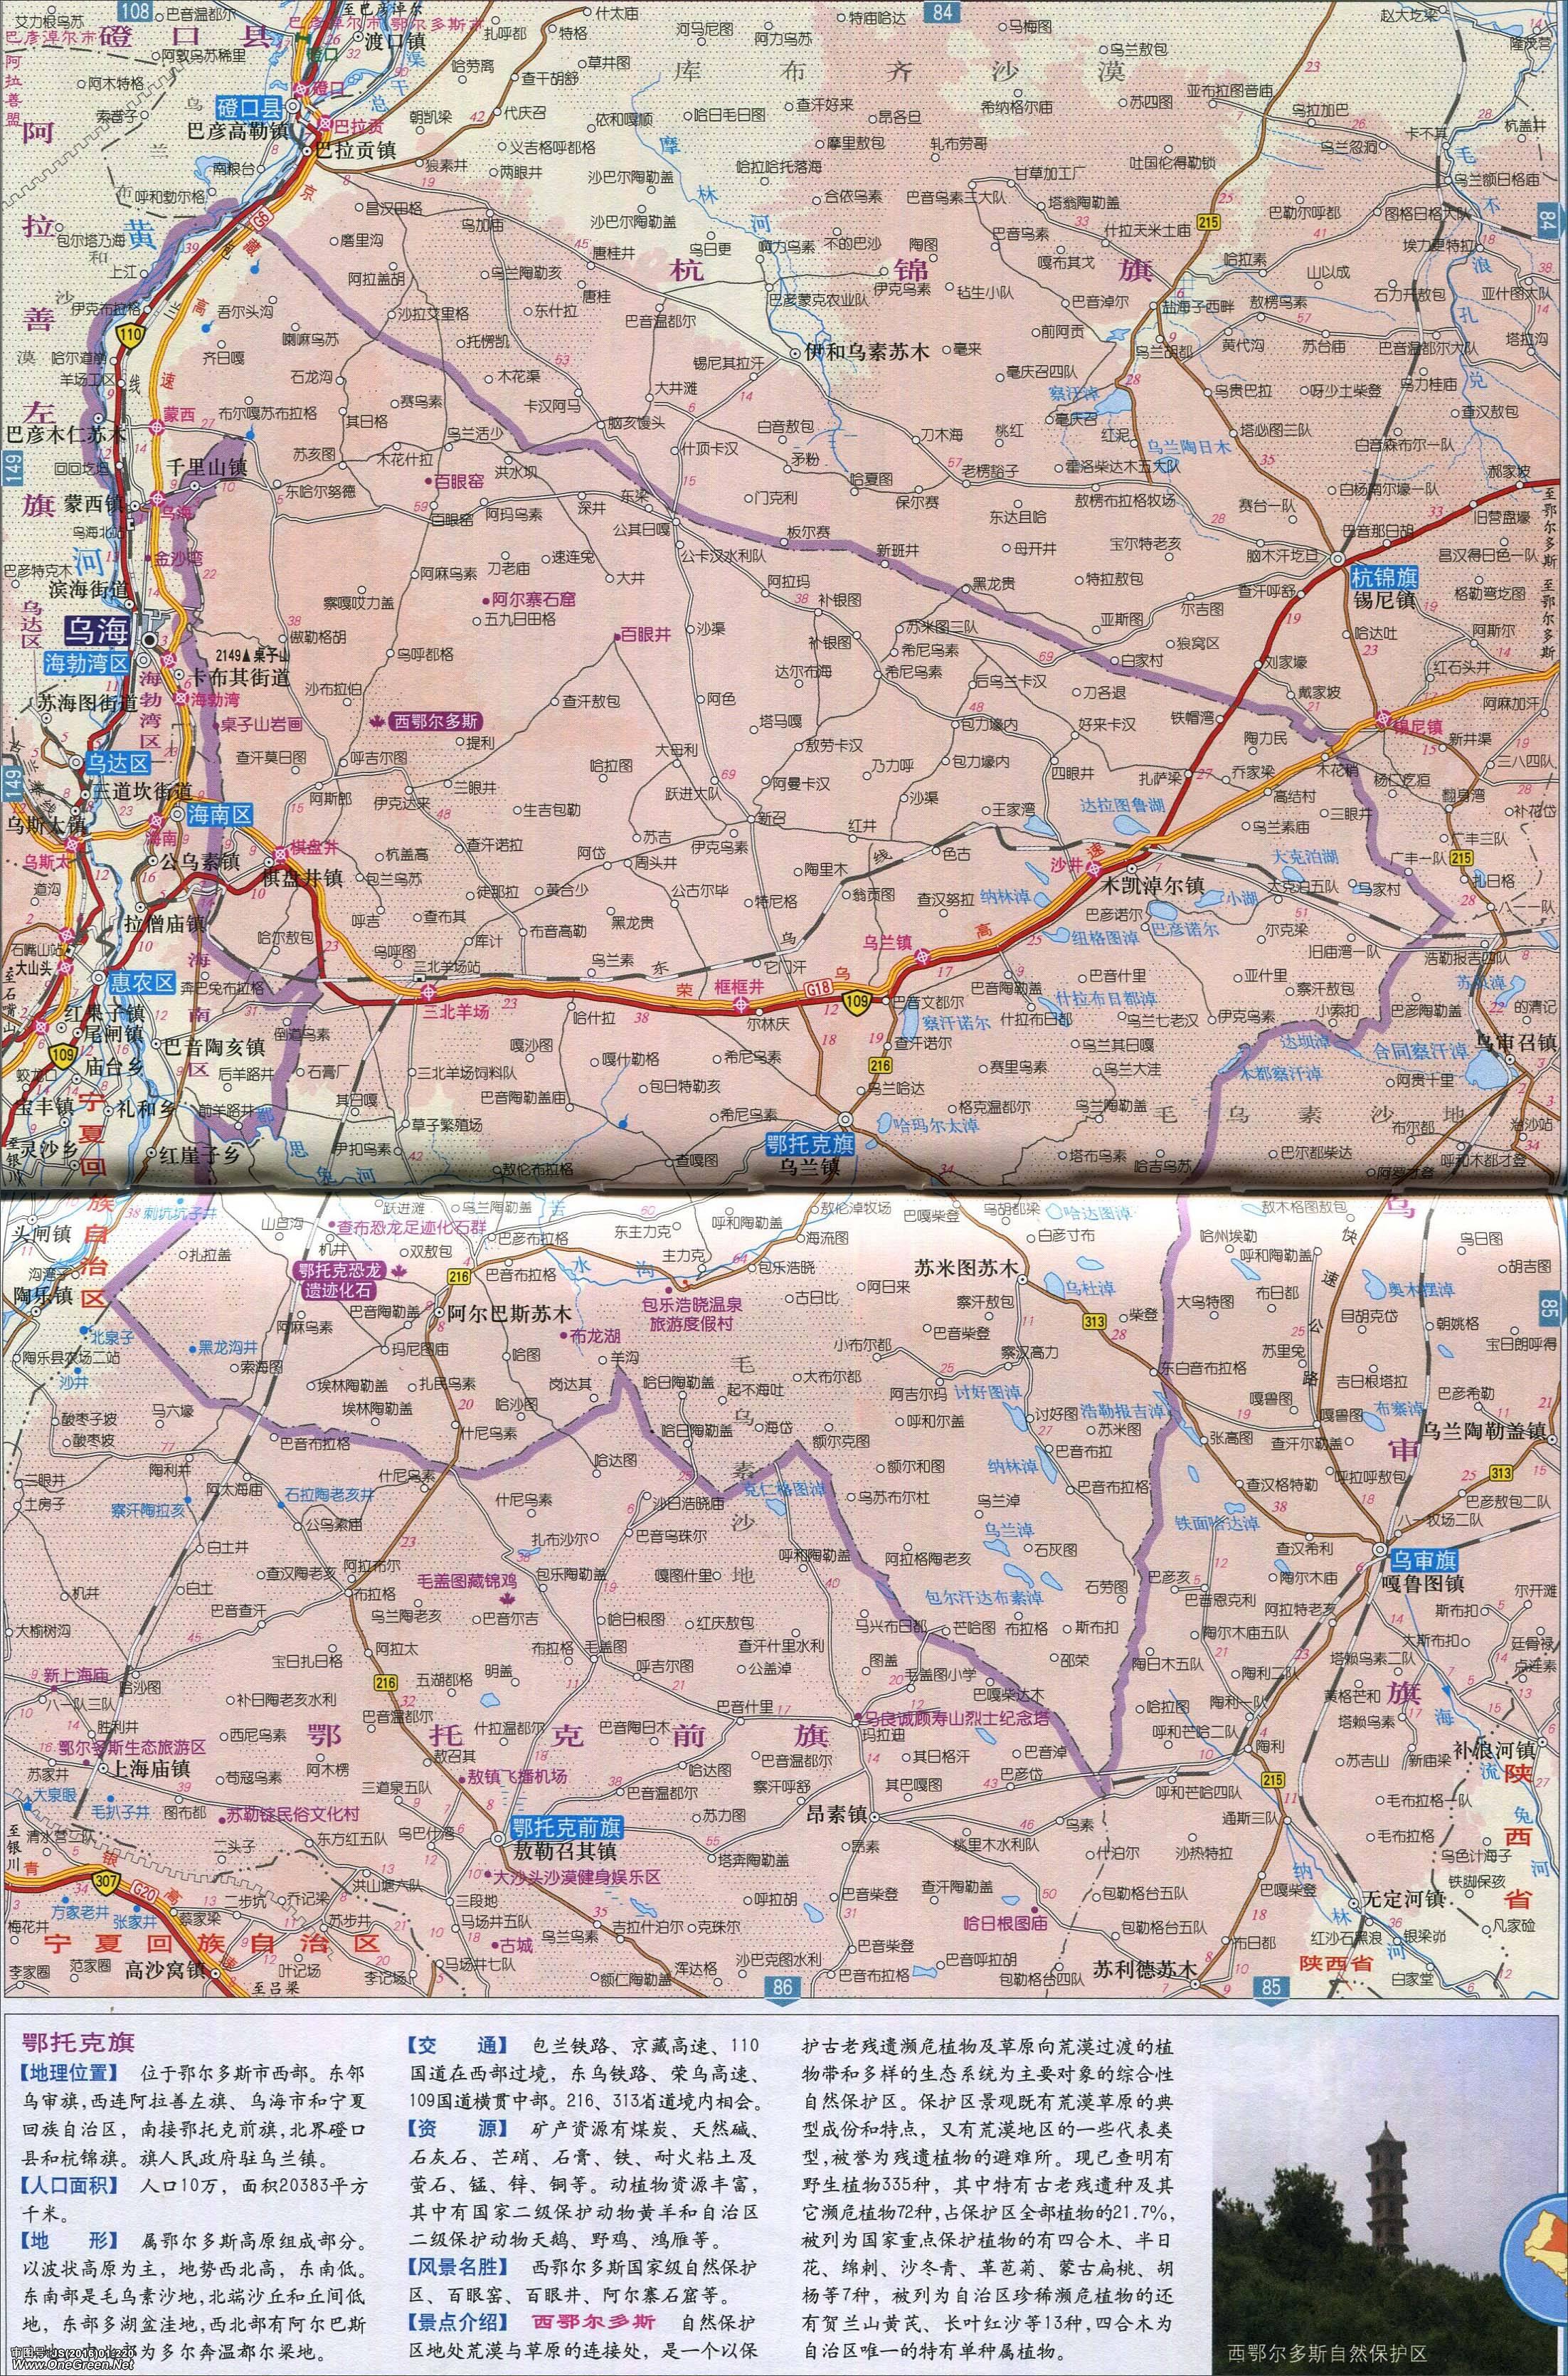 赤峰地图_鄂托克旗地图_鄂尔多斯地图库_地图窝